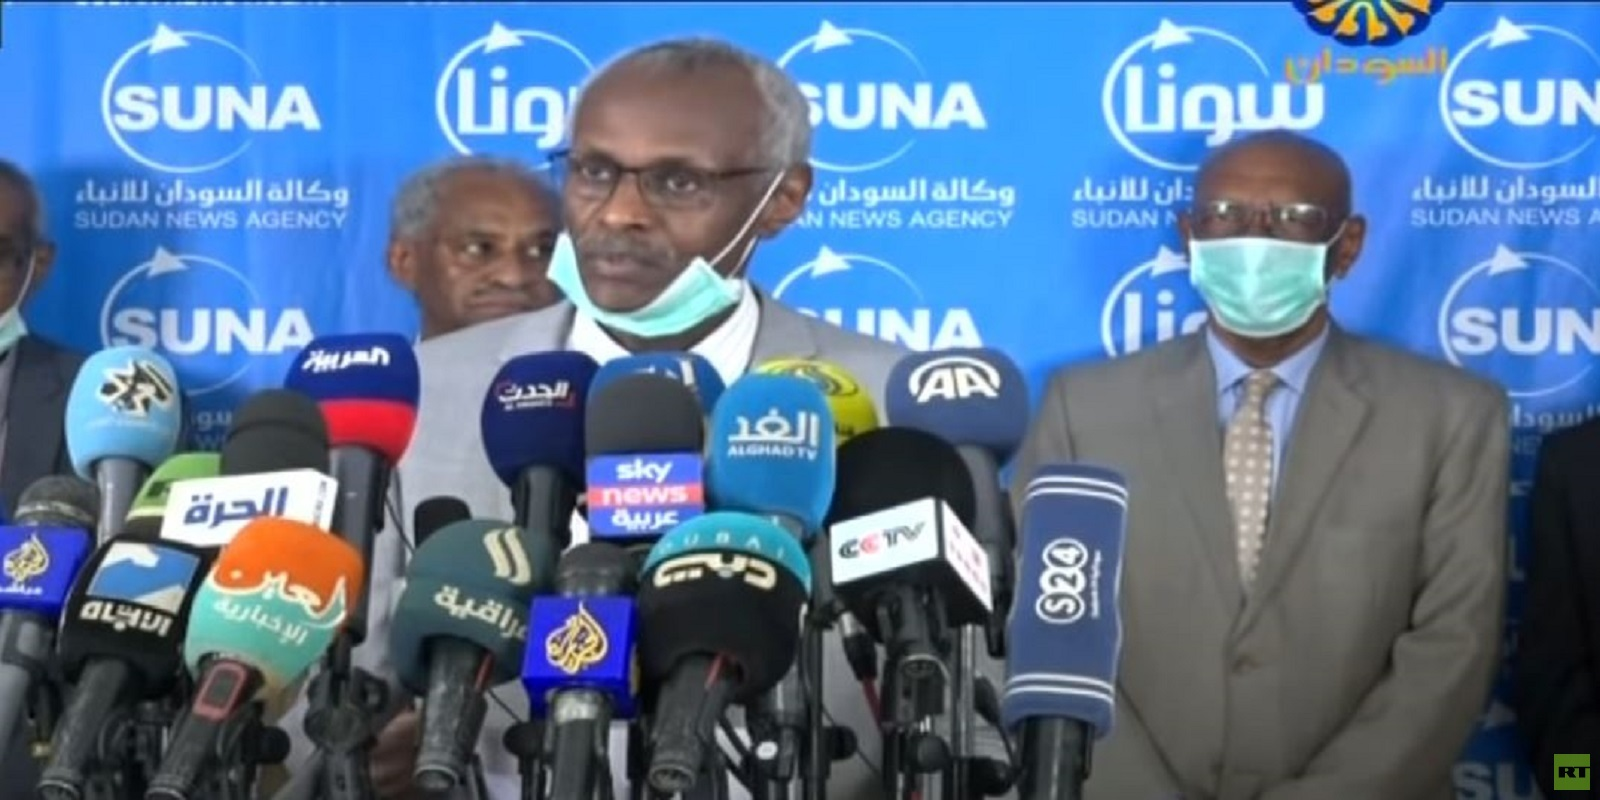 وزير الري السوداني، ياسر عباس